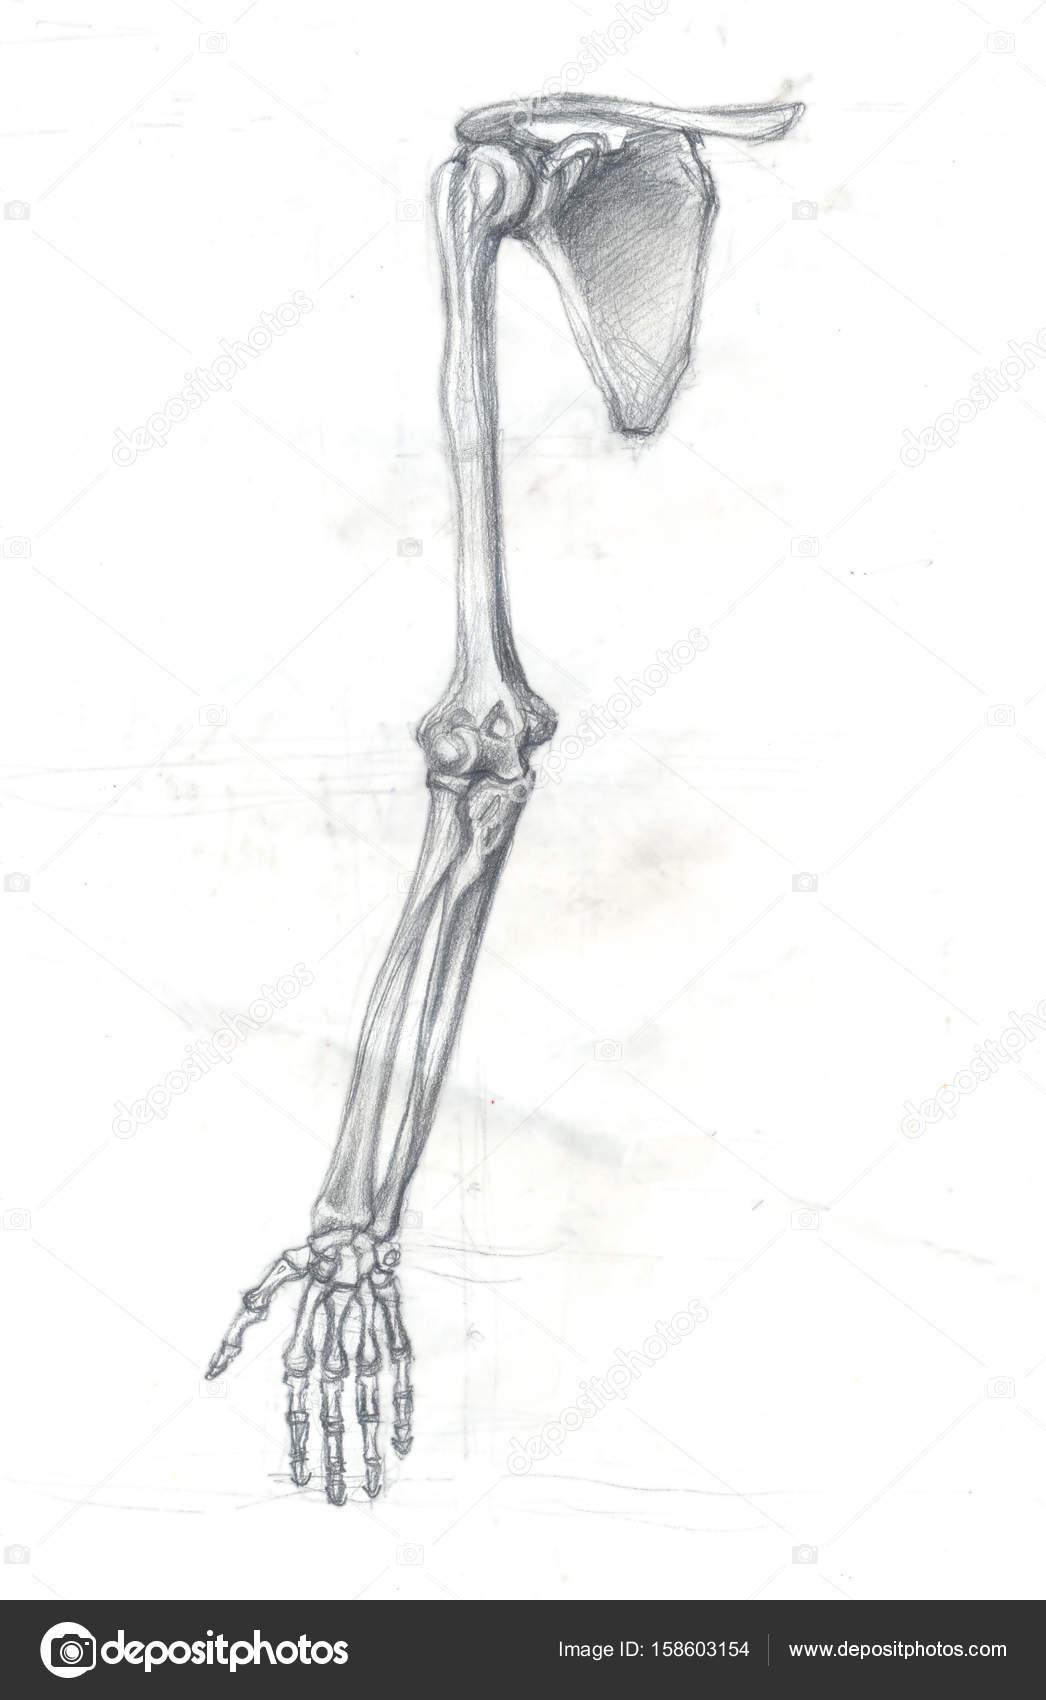 huesos del brazo — Foto de stock © richcat #158603154